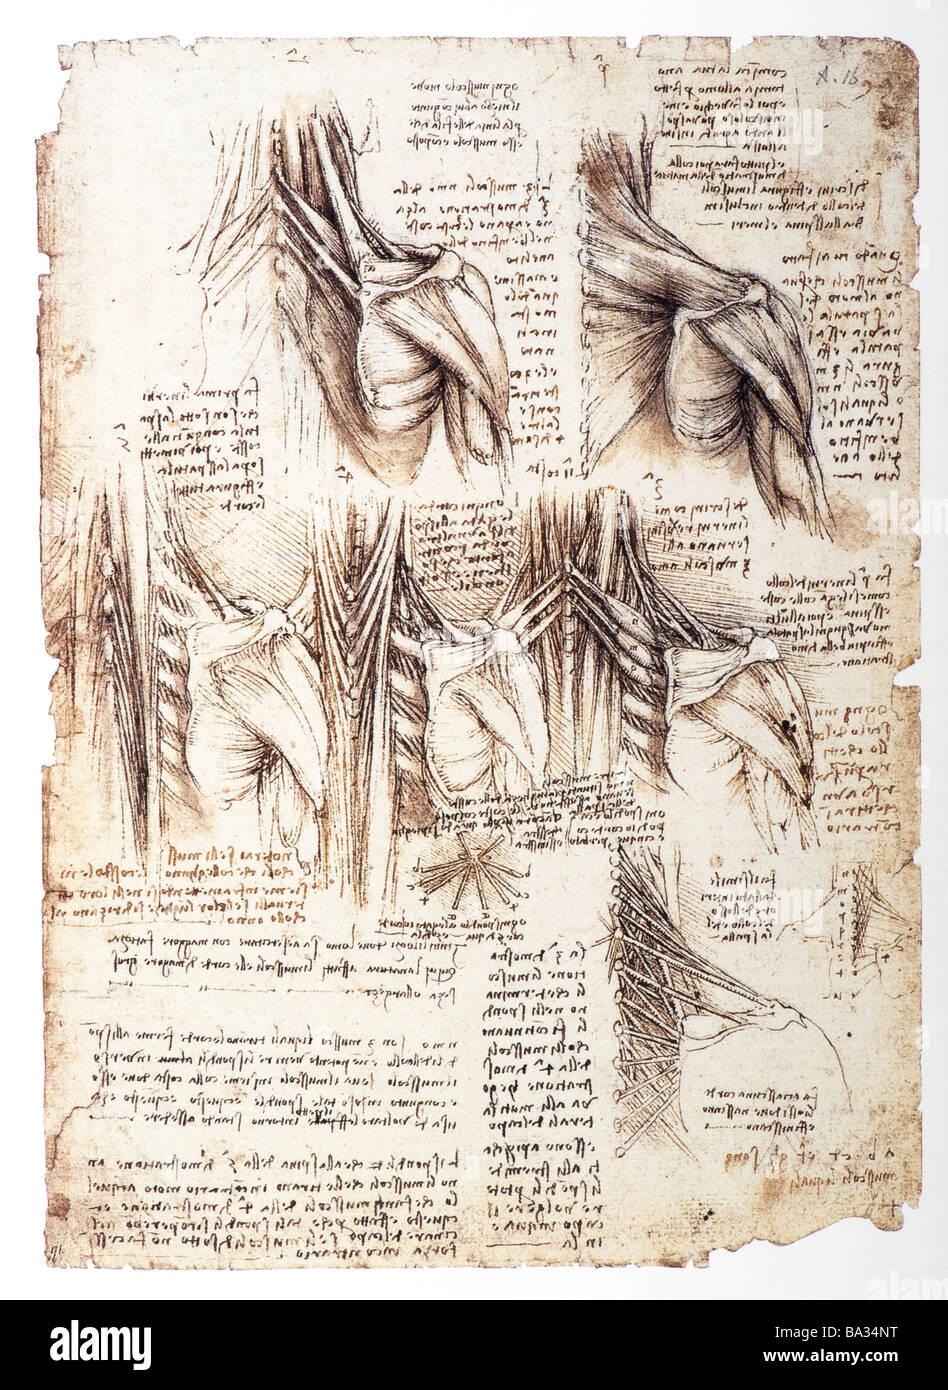 Estudio anatómico de los músculos de la espalda por Leonardo da Vinci 1509 bolígrafo de tinta marrón Imagen De Stock